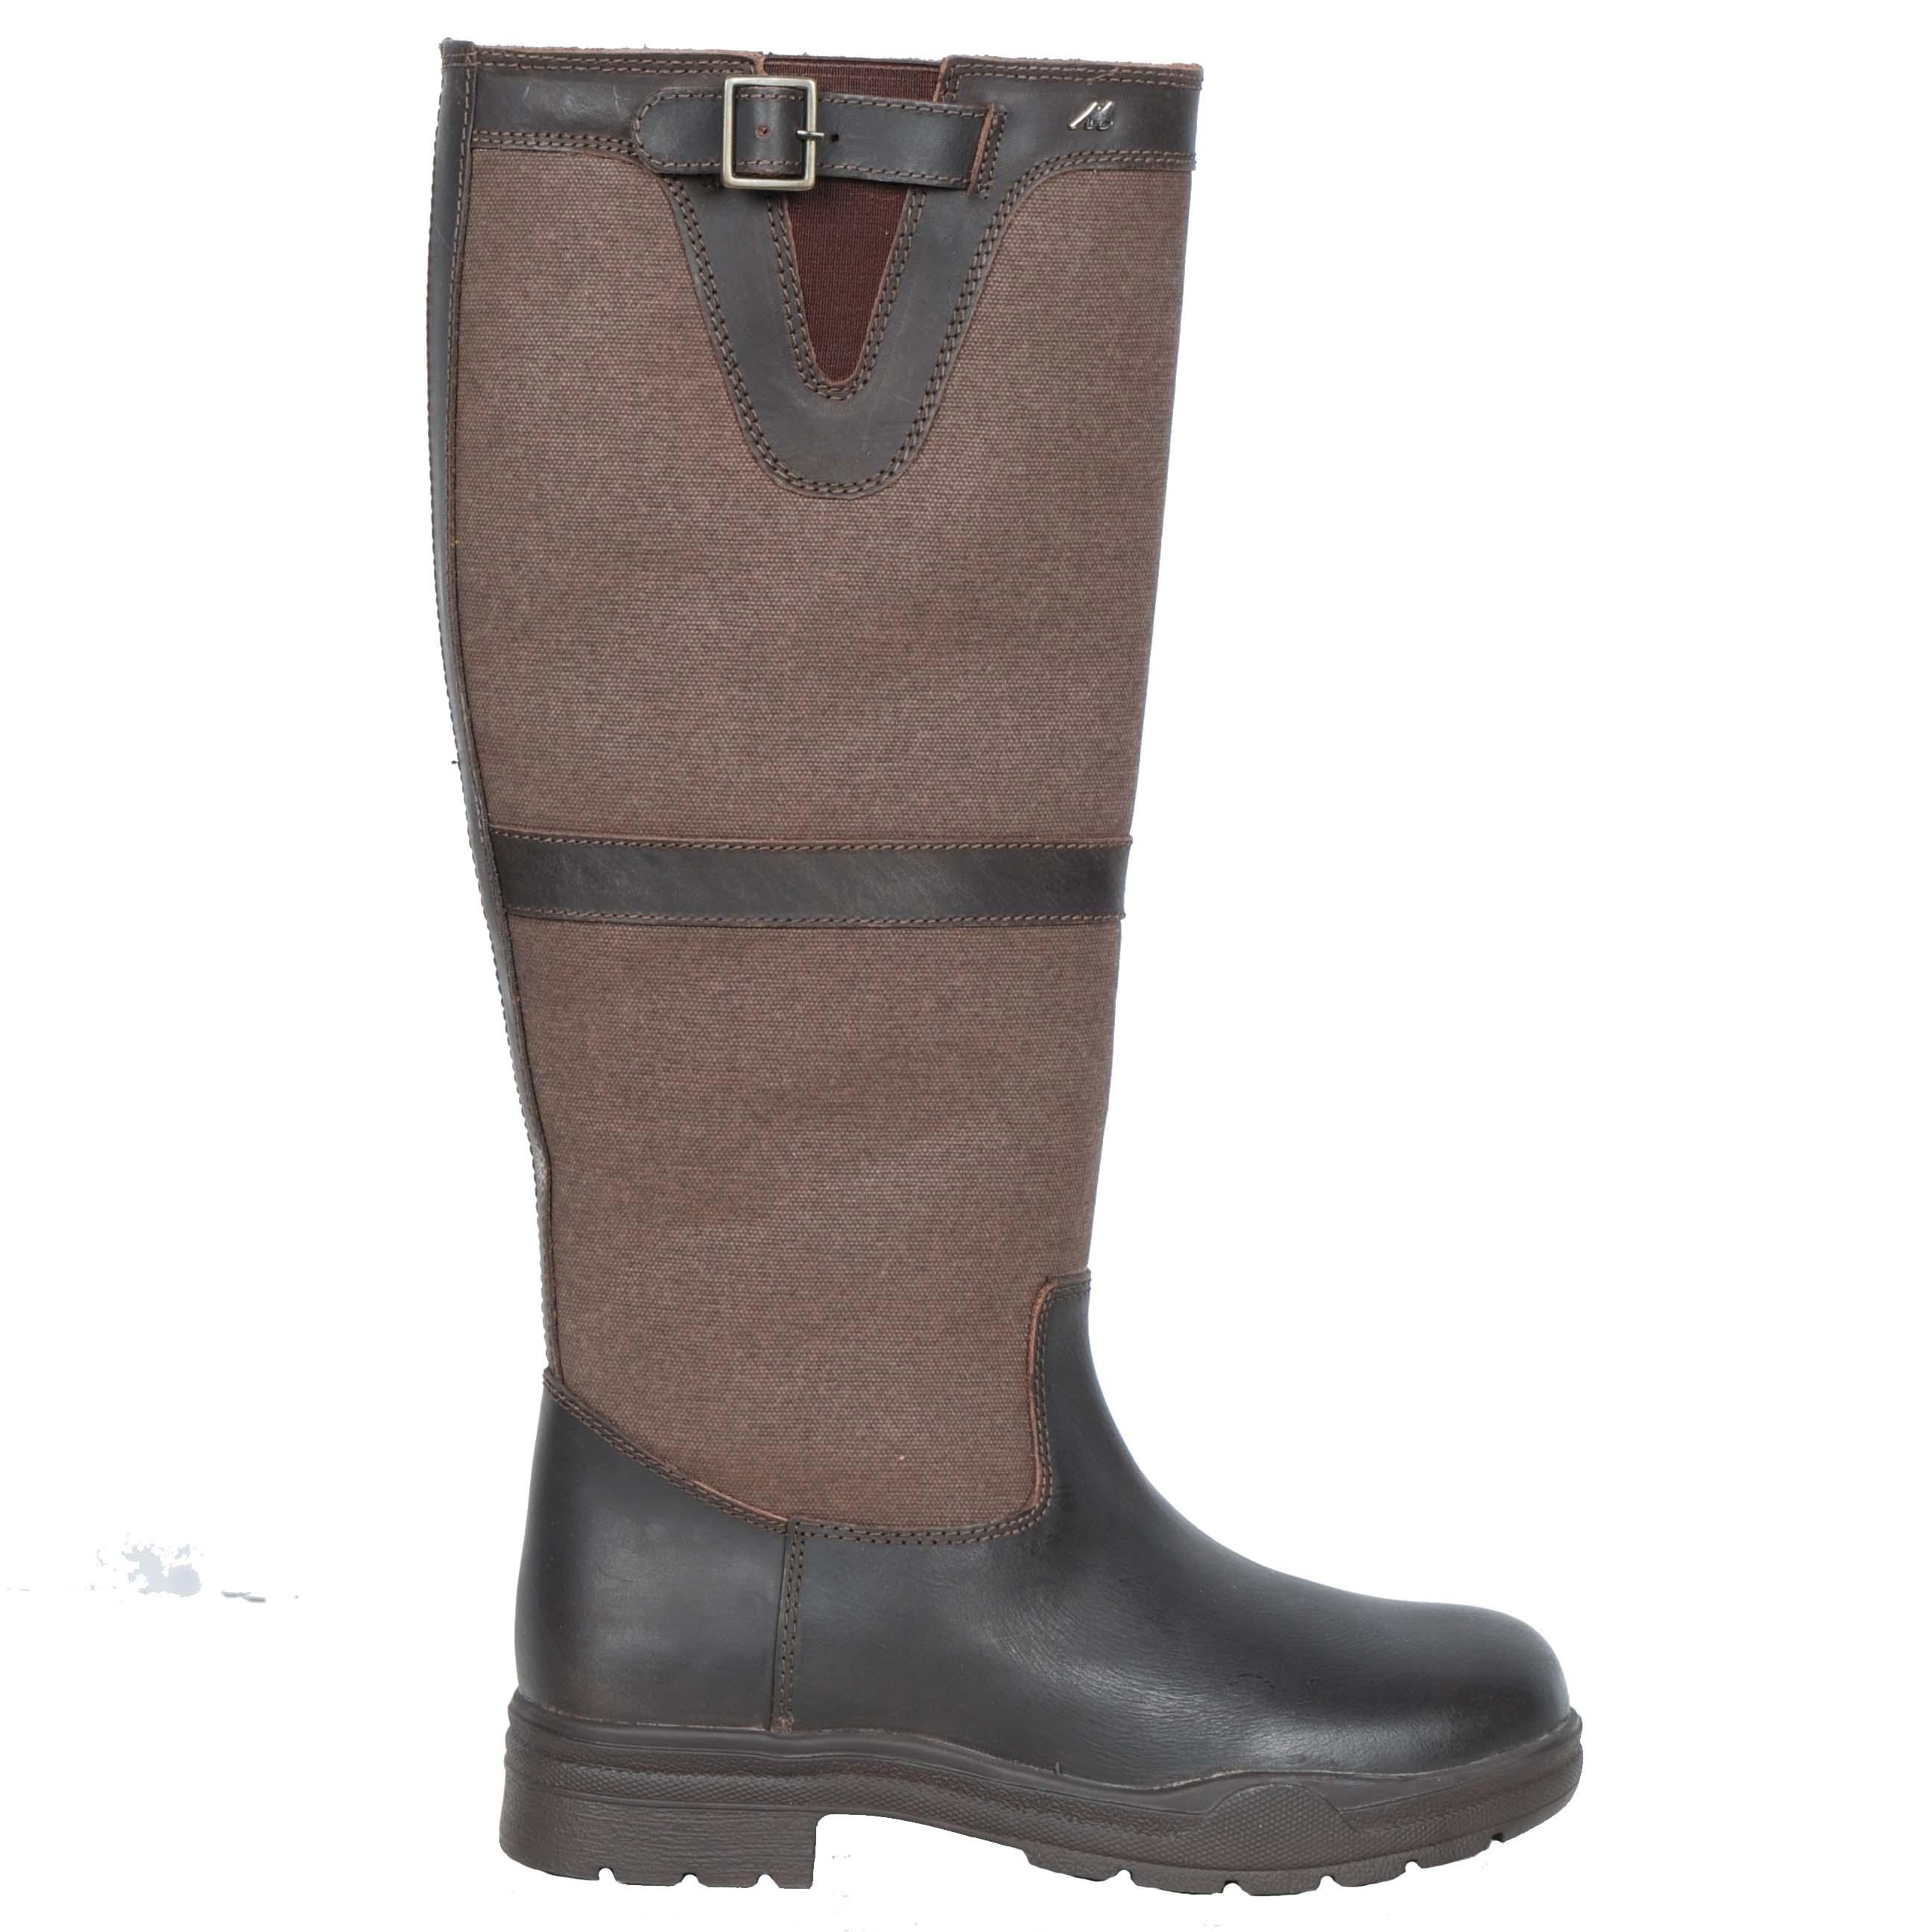 Mondoni Telemark Outdoor laarzen bruin maat:39